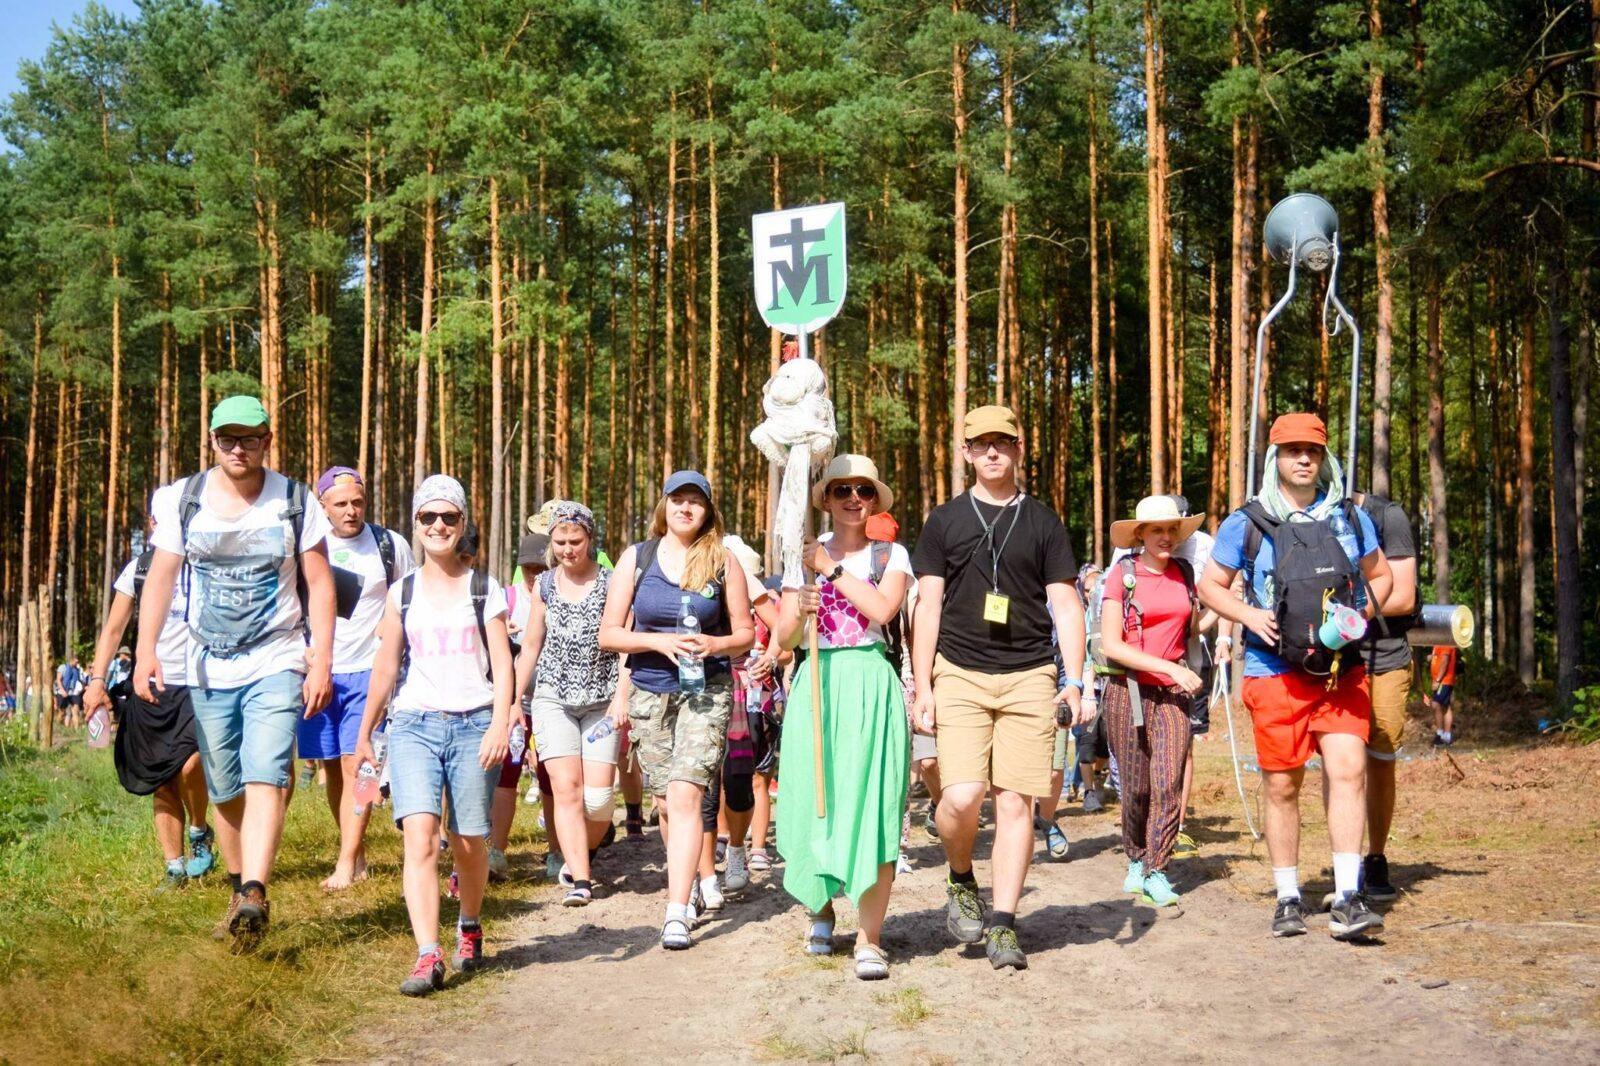 pielgrzymka WAPM grupa biało-zielona las młodzież znaczek pielgrzymkowy